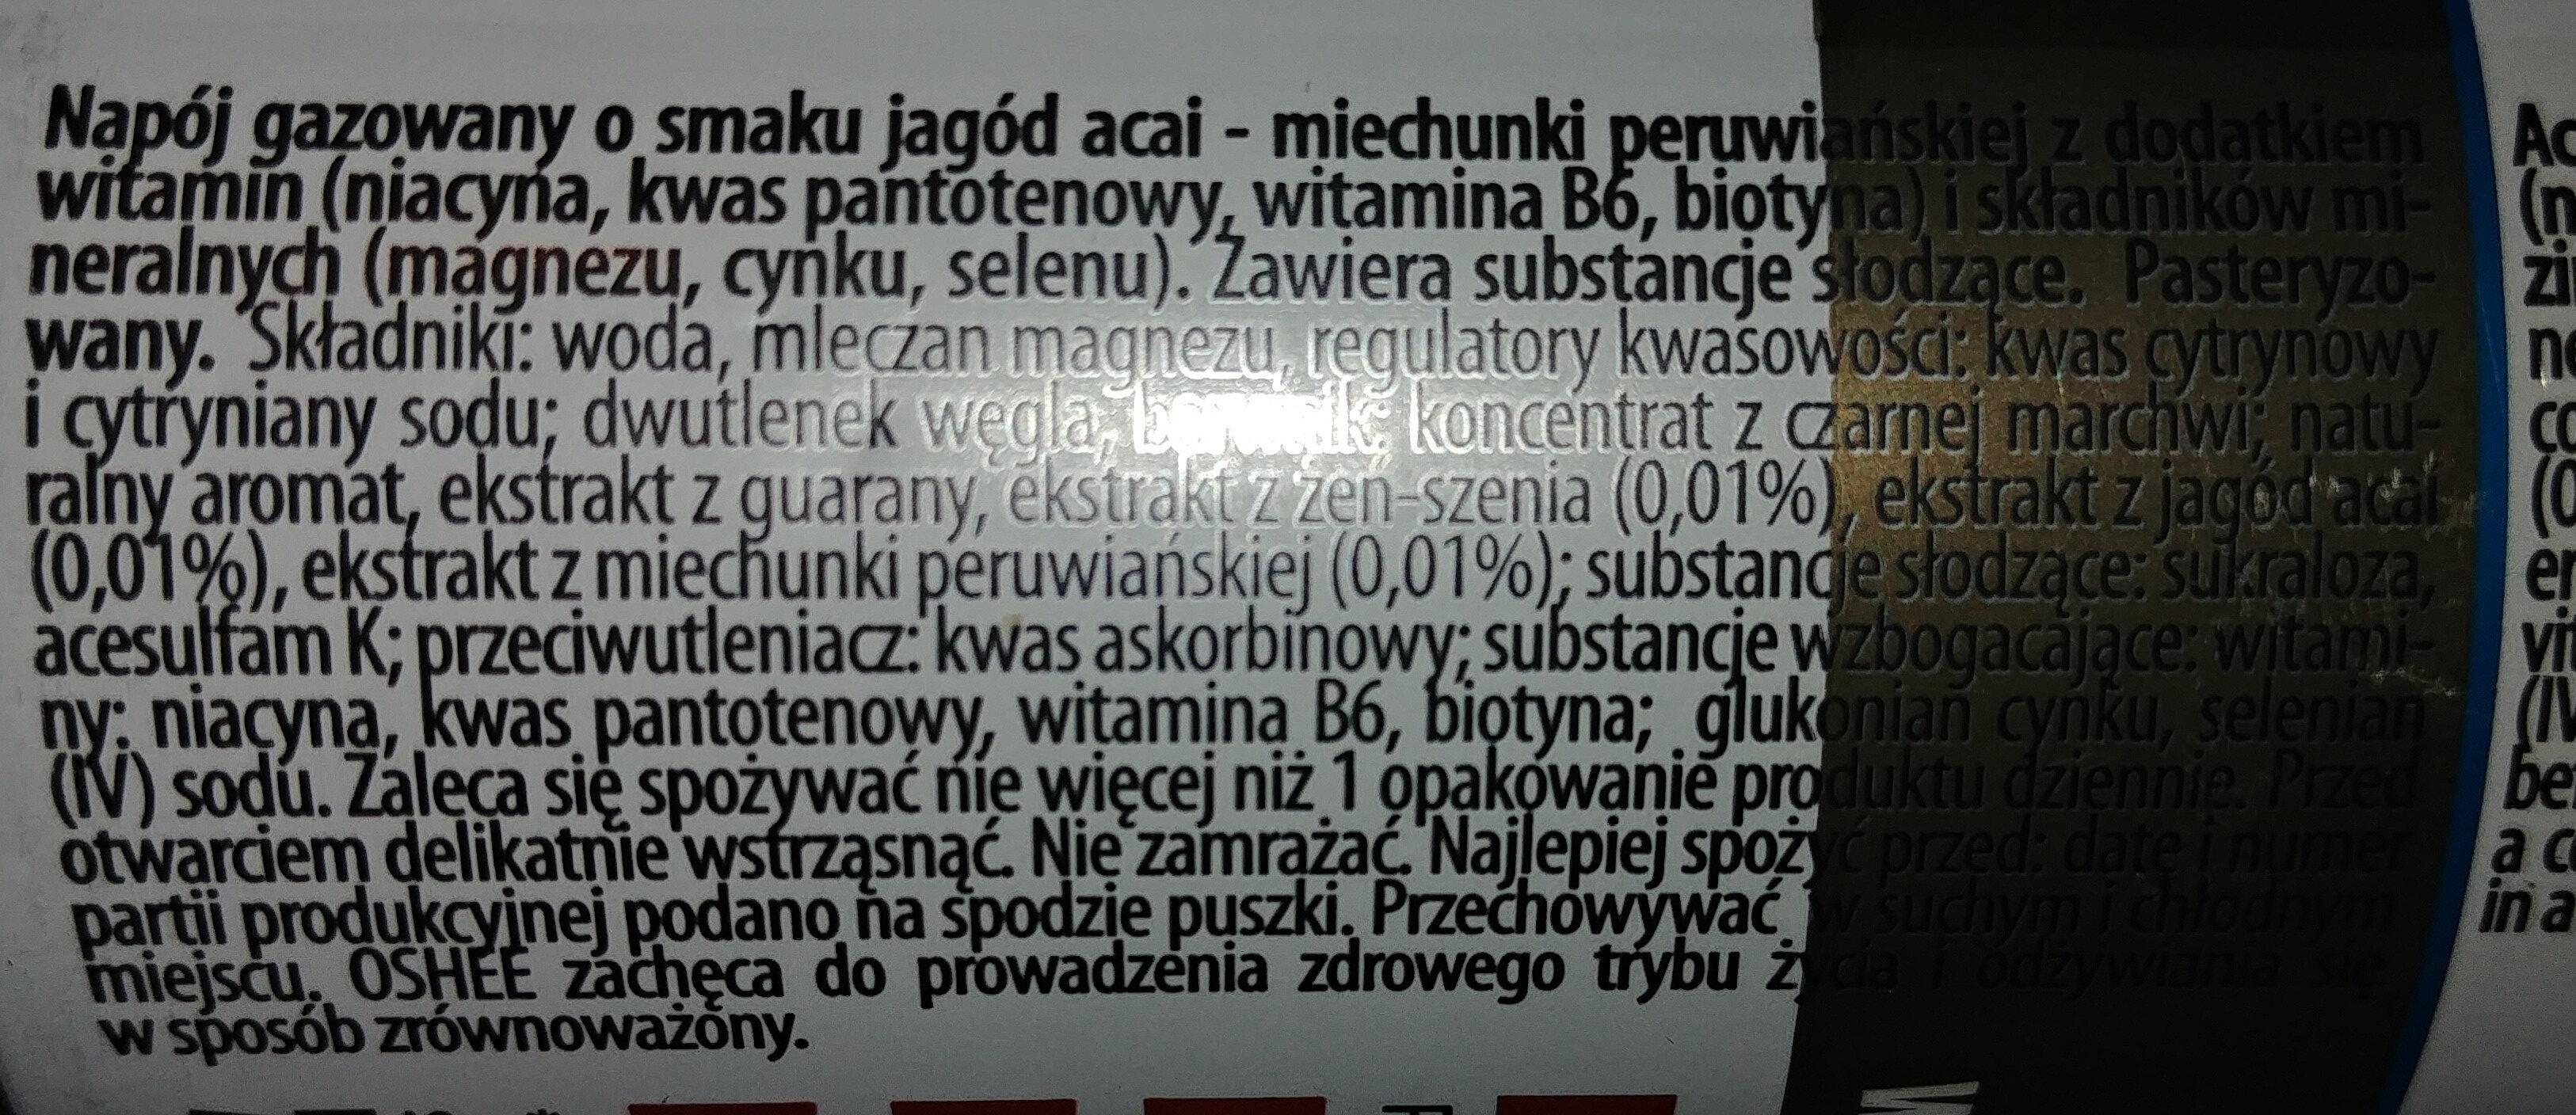 Napój gazowany o smaku jagód acai - miechunki peruwiańskiej - Składniki